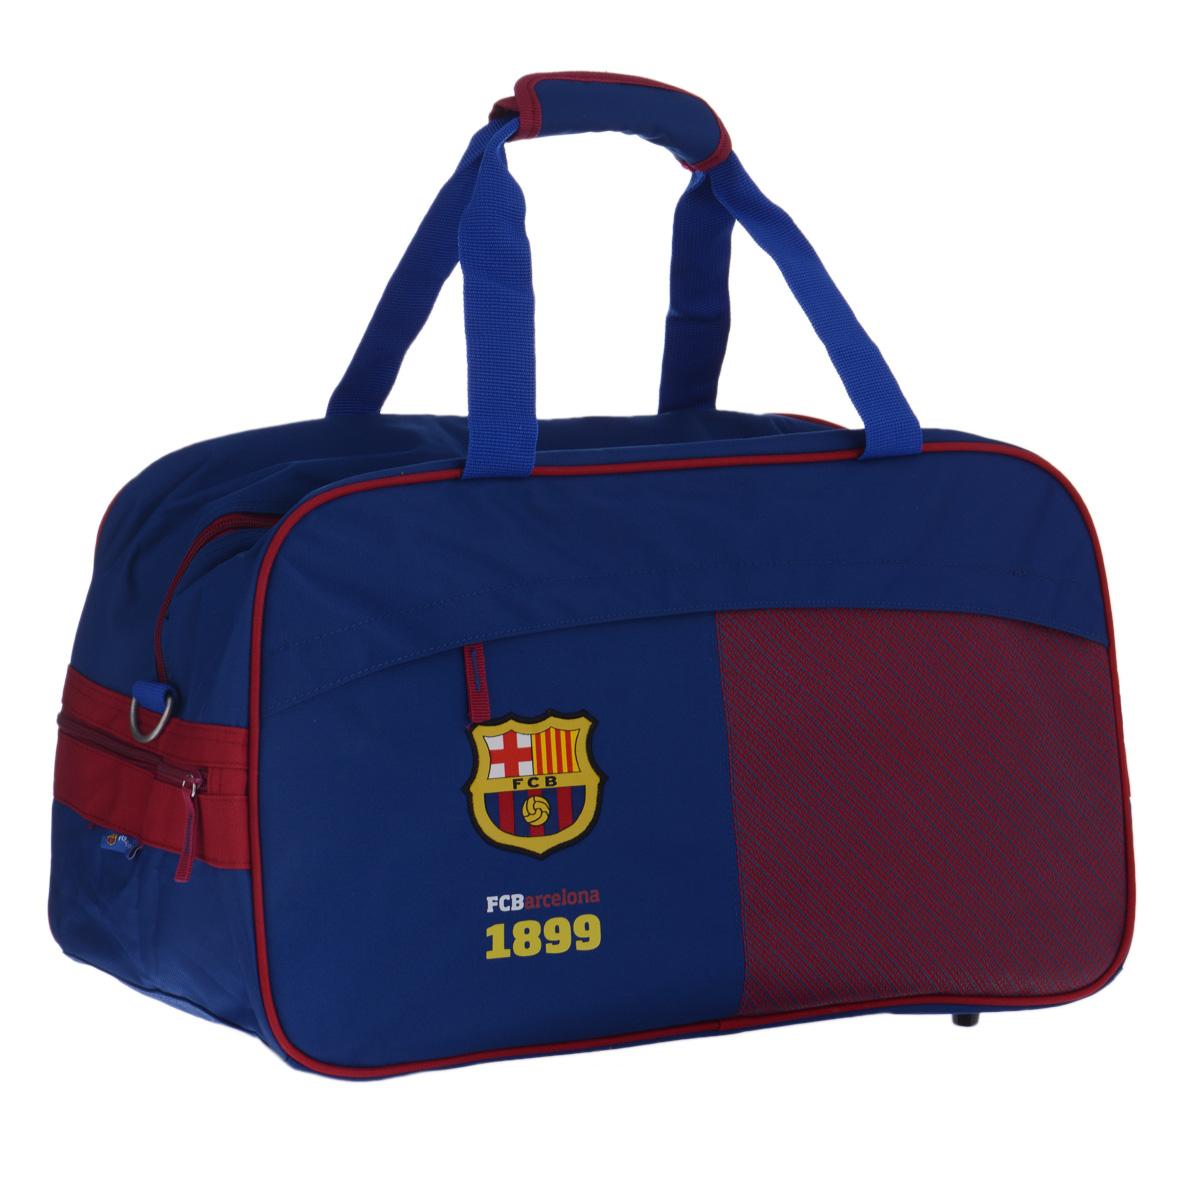 FC Barcelona Сумка спортивная цвет синий красныйBNAB-UT1-3489Спортивная сумка Barcelona FC понравится любому фанату команды или просто активному человеку, занимающемуся спортом.Сумка изготовлена из высококачественного износостойкого полиэстера и оформлена нашивным логотипом футбольного клуба Барселона - знаменитого каталонского клуба из одноимённого города, одного из сильнейших в Испании и в мире.Сумка состоит из одного вместительного отделения, закрывается на застежку-молнию. Спереди расположен прорезной карман на застежке-молнии, прикрытый клапаном для предотвращения попадания влаги. Внутри кармана находятся два открытых кармана для мелочей, карман для мобильного телефона с клапаном на липучке, накладной карман-сеточка на застежке-молнии и кольцо для ключей. Сумка имеет съемное твердое дно, которое при необходимости можно удалить для облегчения веса. Сумка имеет удобные ручки, скрепляющиеся хлястиком на липучке, а также съемный плечевой ремень, регулирующийся по длине, со специальной накладкой для комфортной переноски на плече. Сумка очень просторная, в ней без труда поместится спортивная форма или сменная одежда. Дно оснащено пластиковыми ножками, обеспечивающими необходимую устойчивость.Спортивная сумка - незаменимый аксессуар для любого человека, занимающегося спортом или посещающего тренажерный зал. А сумка с логотипом любимой команды станет отличным подарком для футбольного болельщика. Сумка является официальной лицензионной продукцией FCB.